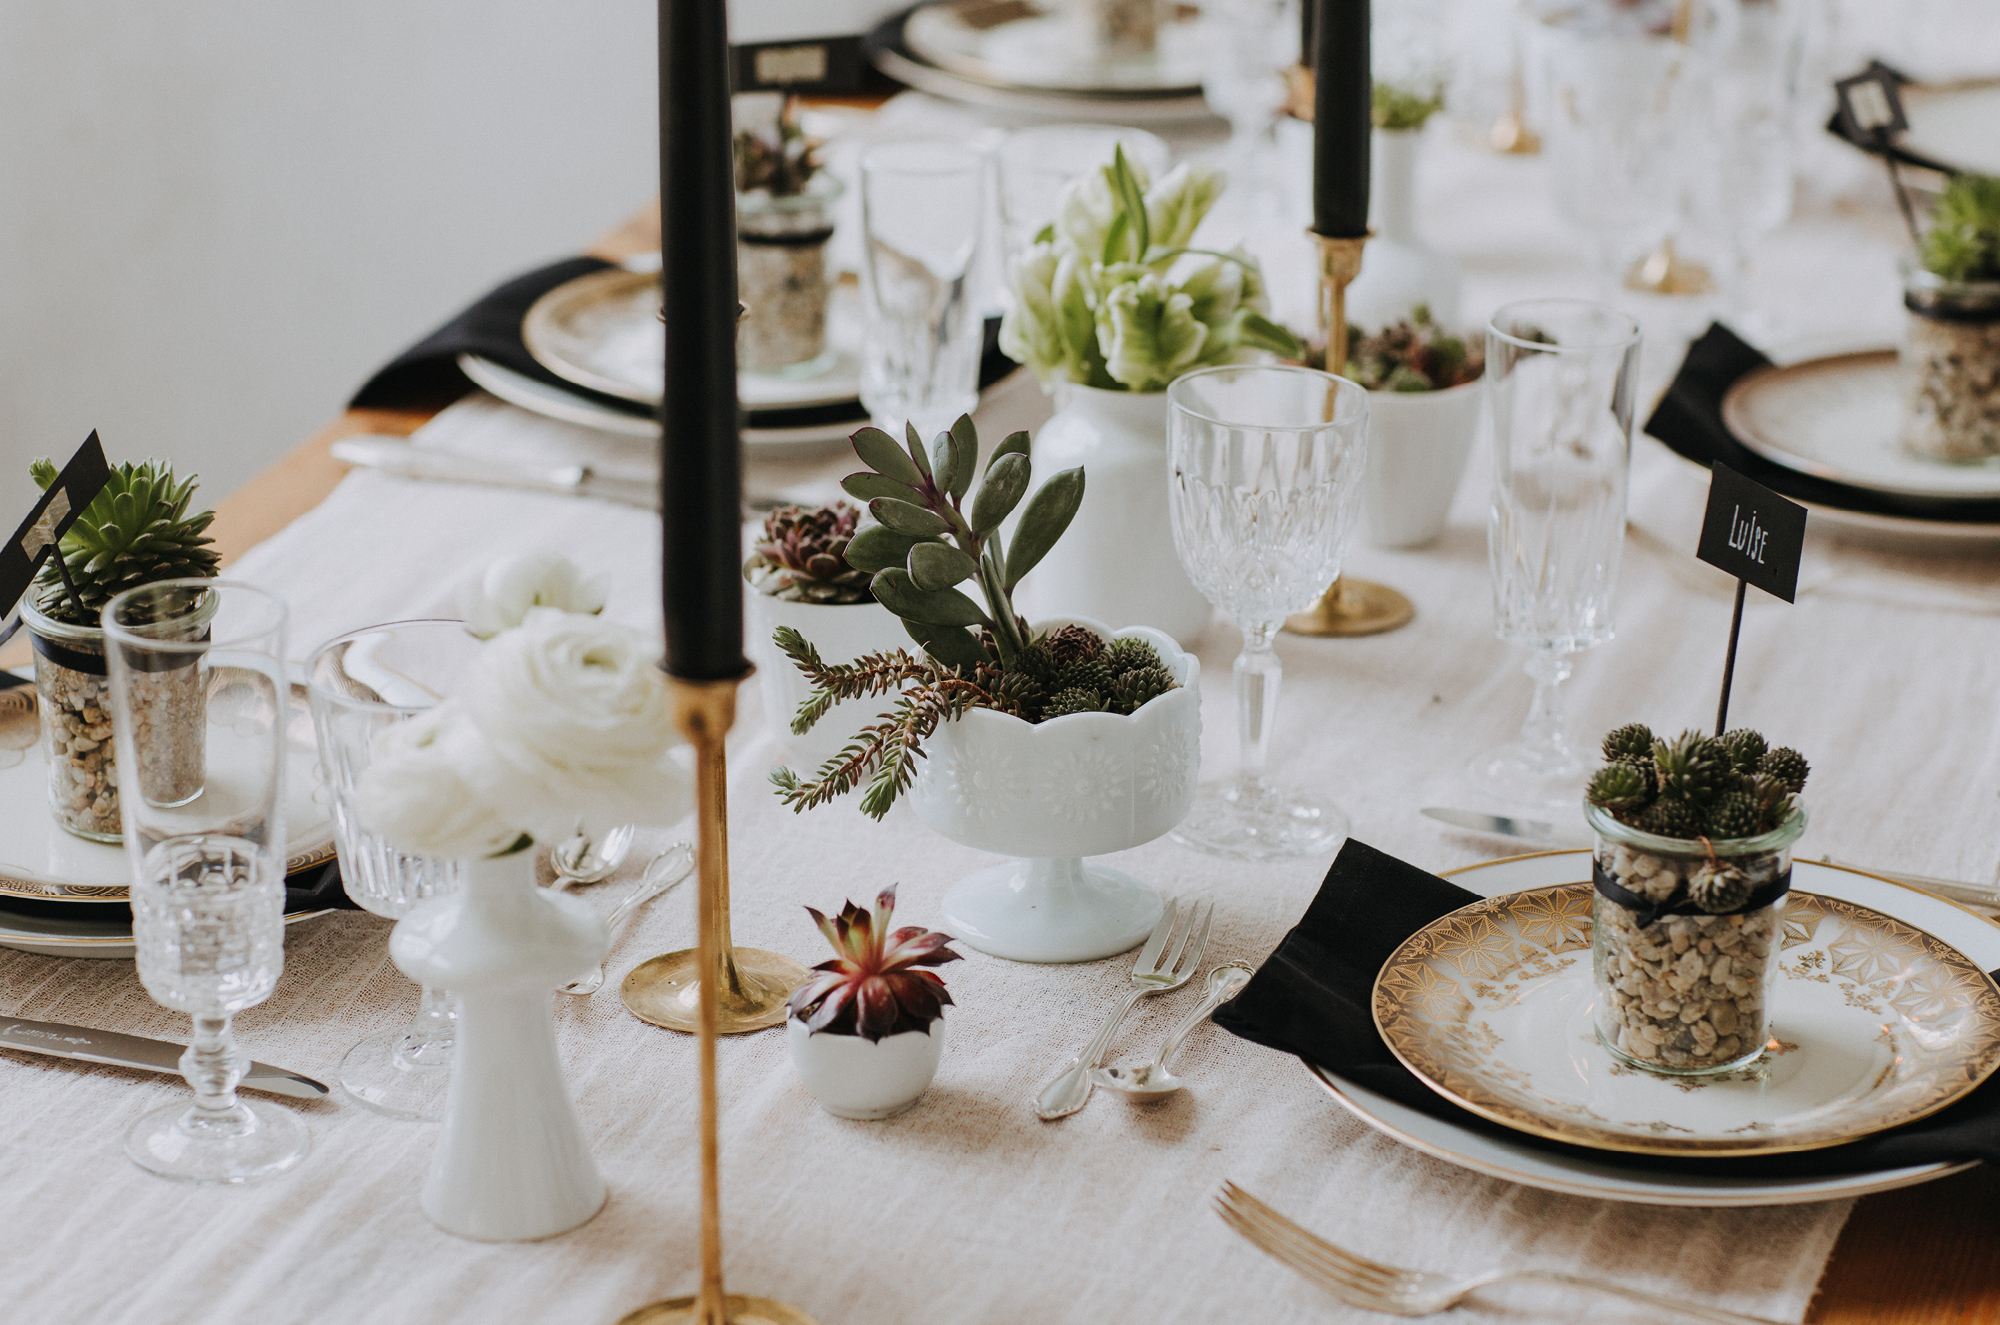 Schlichte Hochzeitstafel, die nachhaltig mit Sukkulenten und wenigen Details dekoriert wurde.